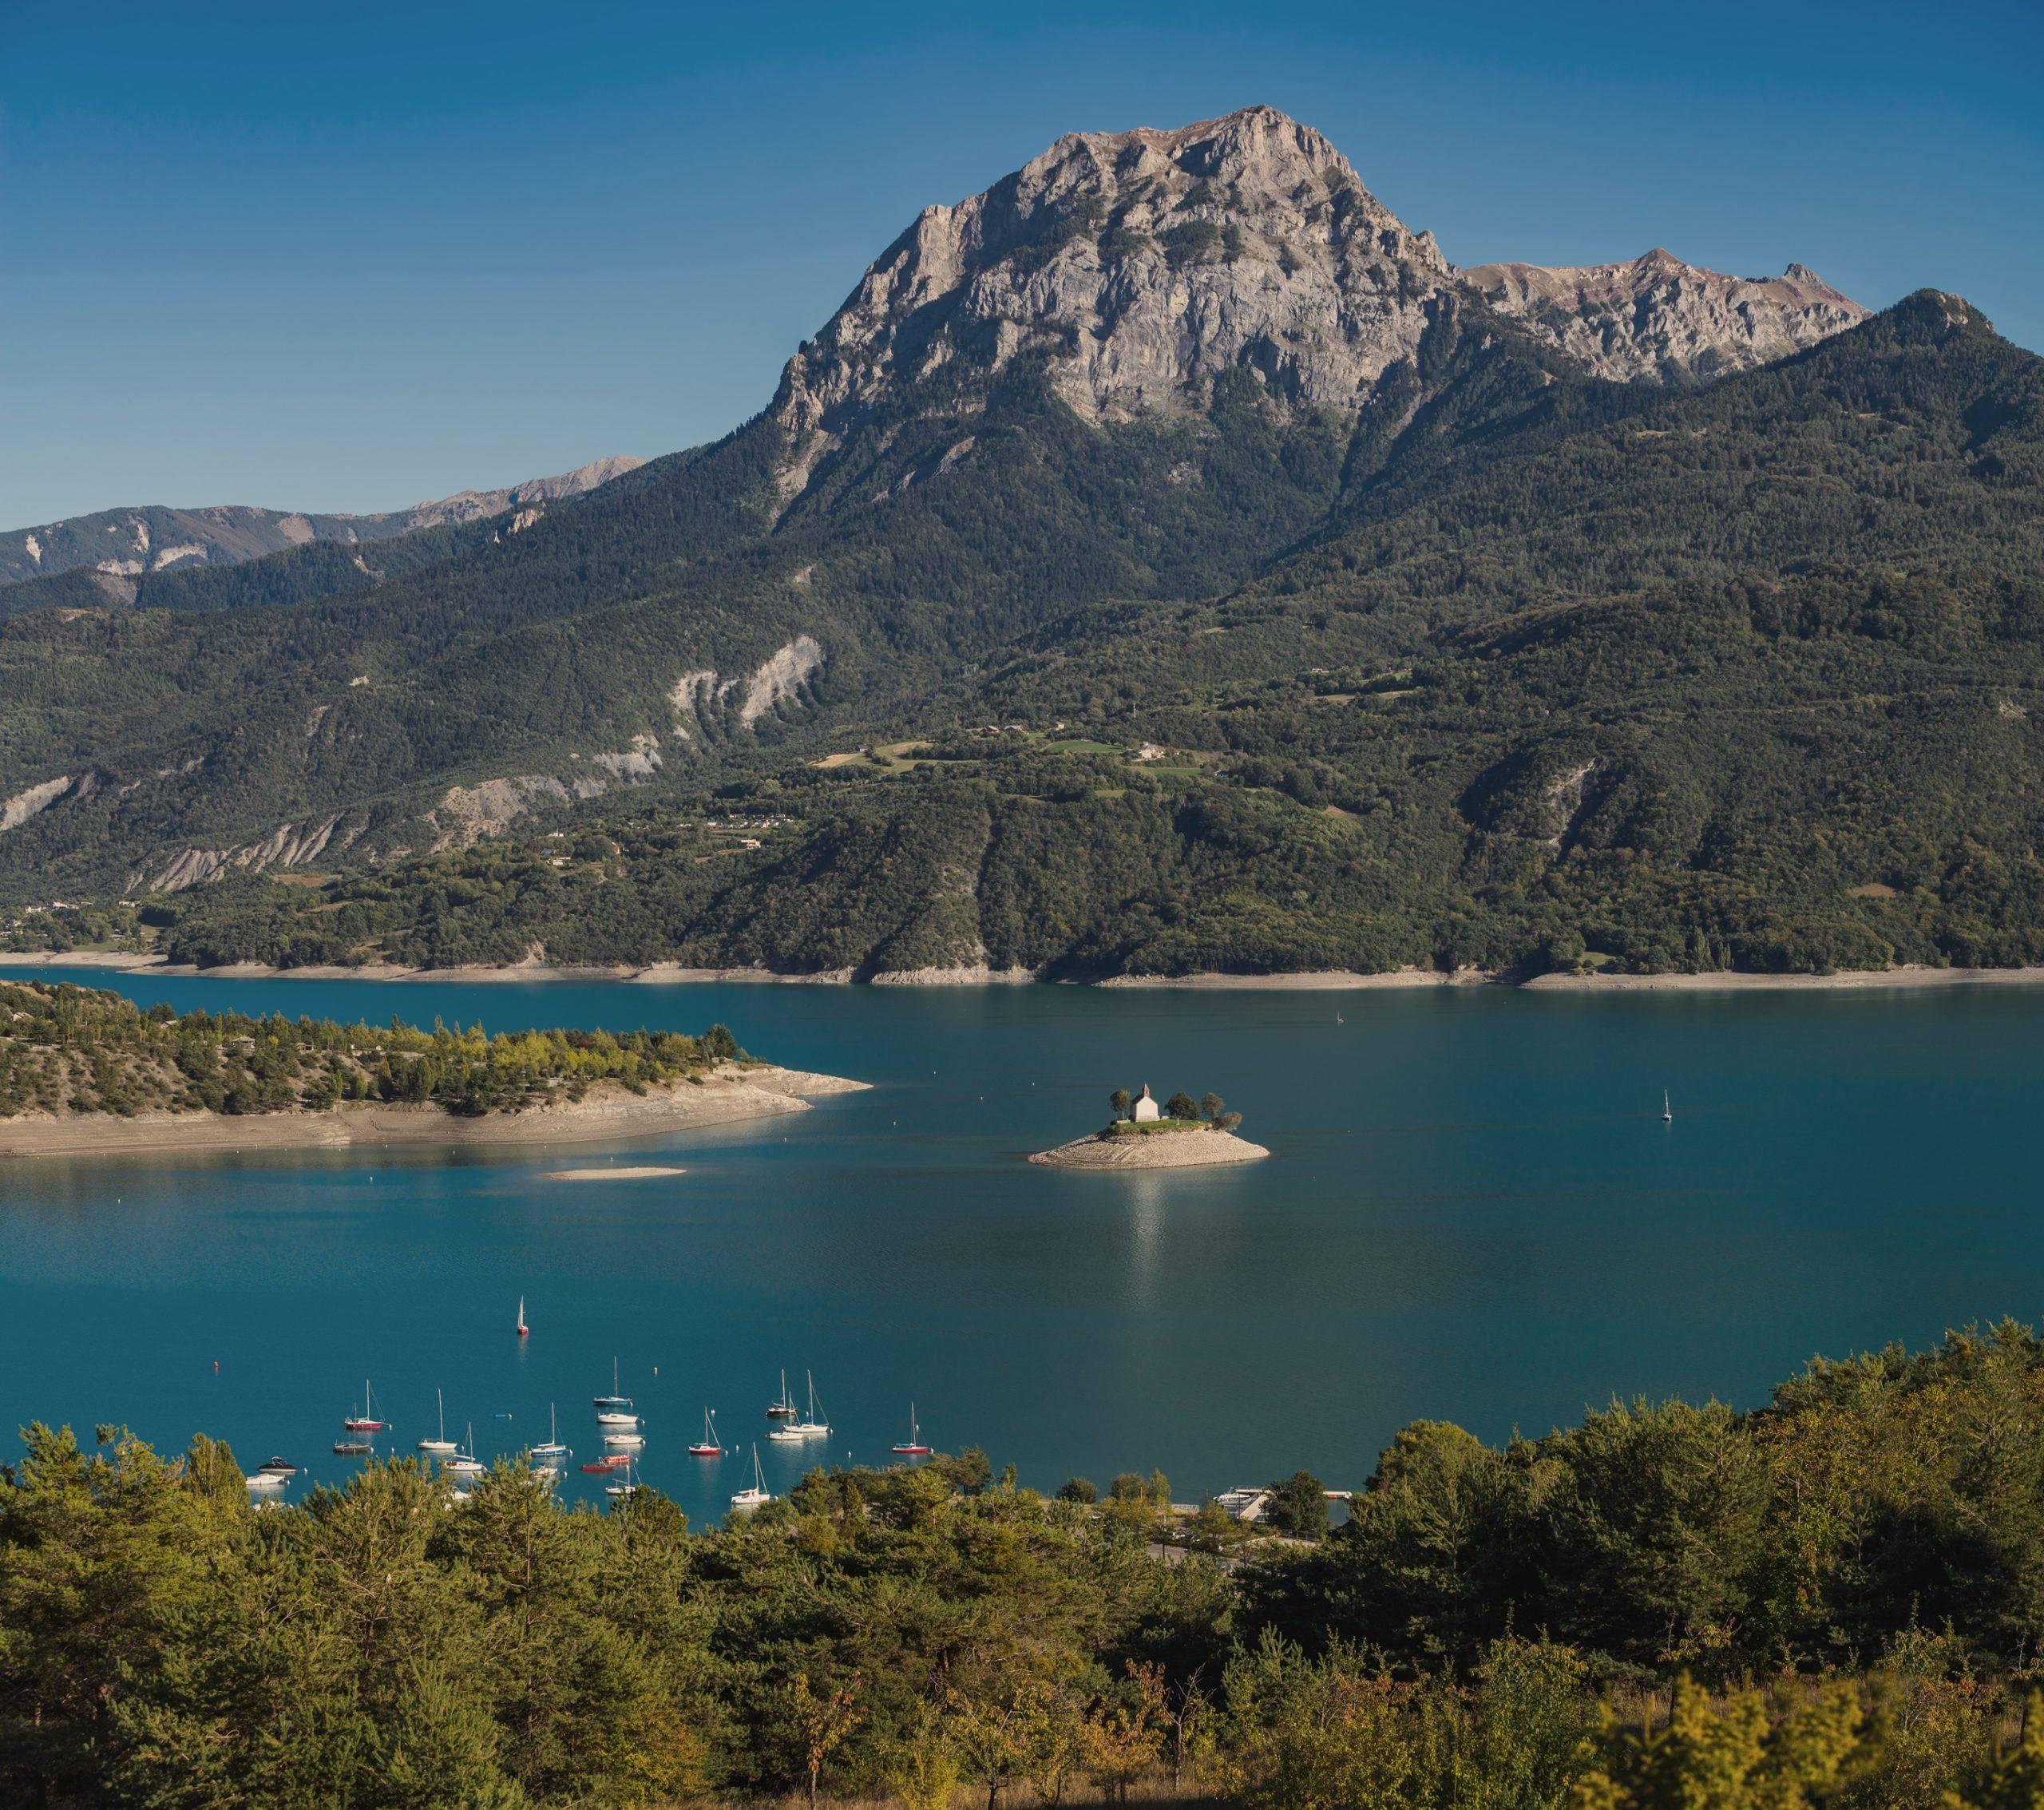 Vue du lac de Serre-Poncon, toues cabanées du lac Hautes Alpes